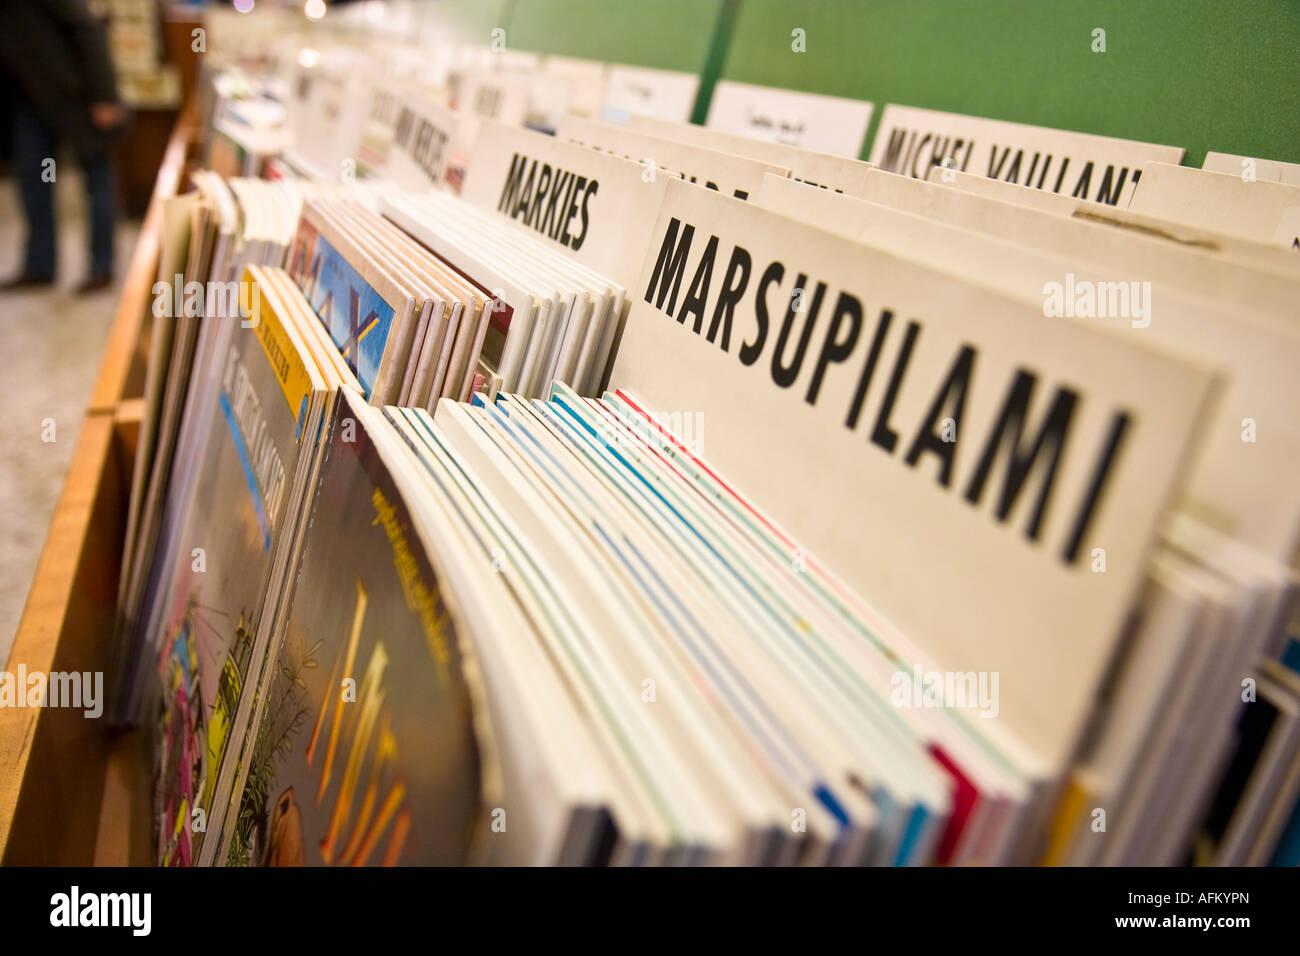 Comic-Buchhandlung an der belgischen Comic-Strip Centre Art Brussels Belgien Stockbild